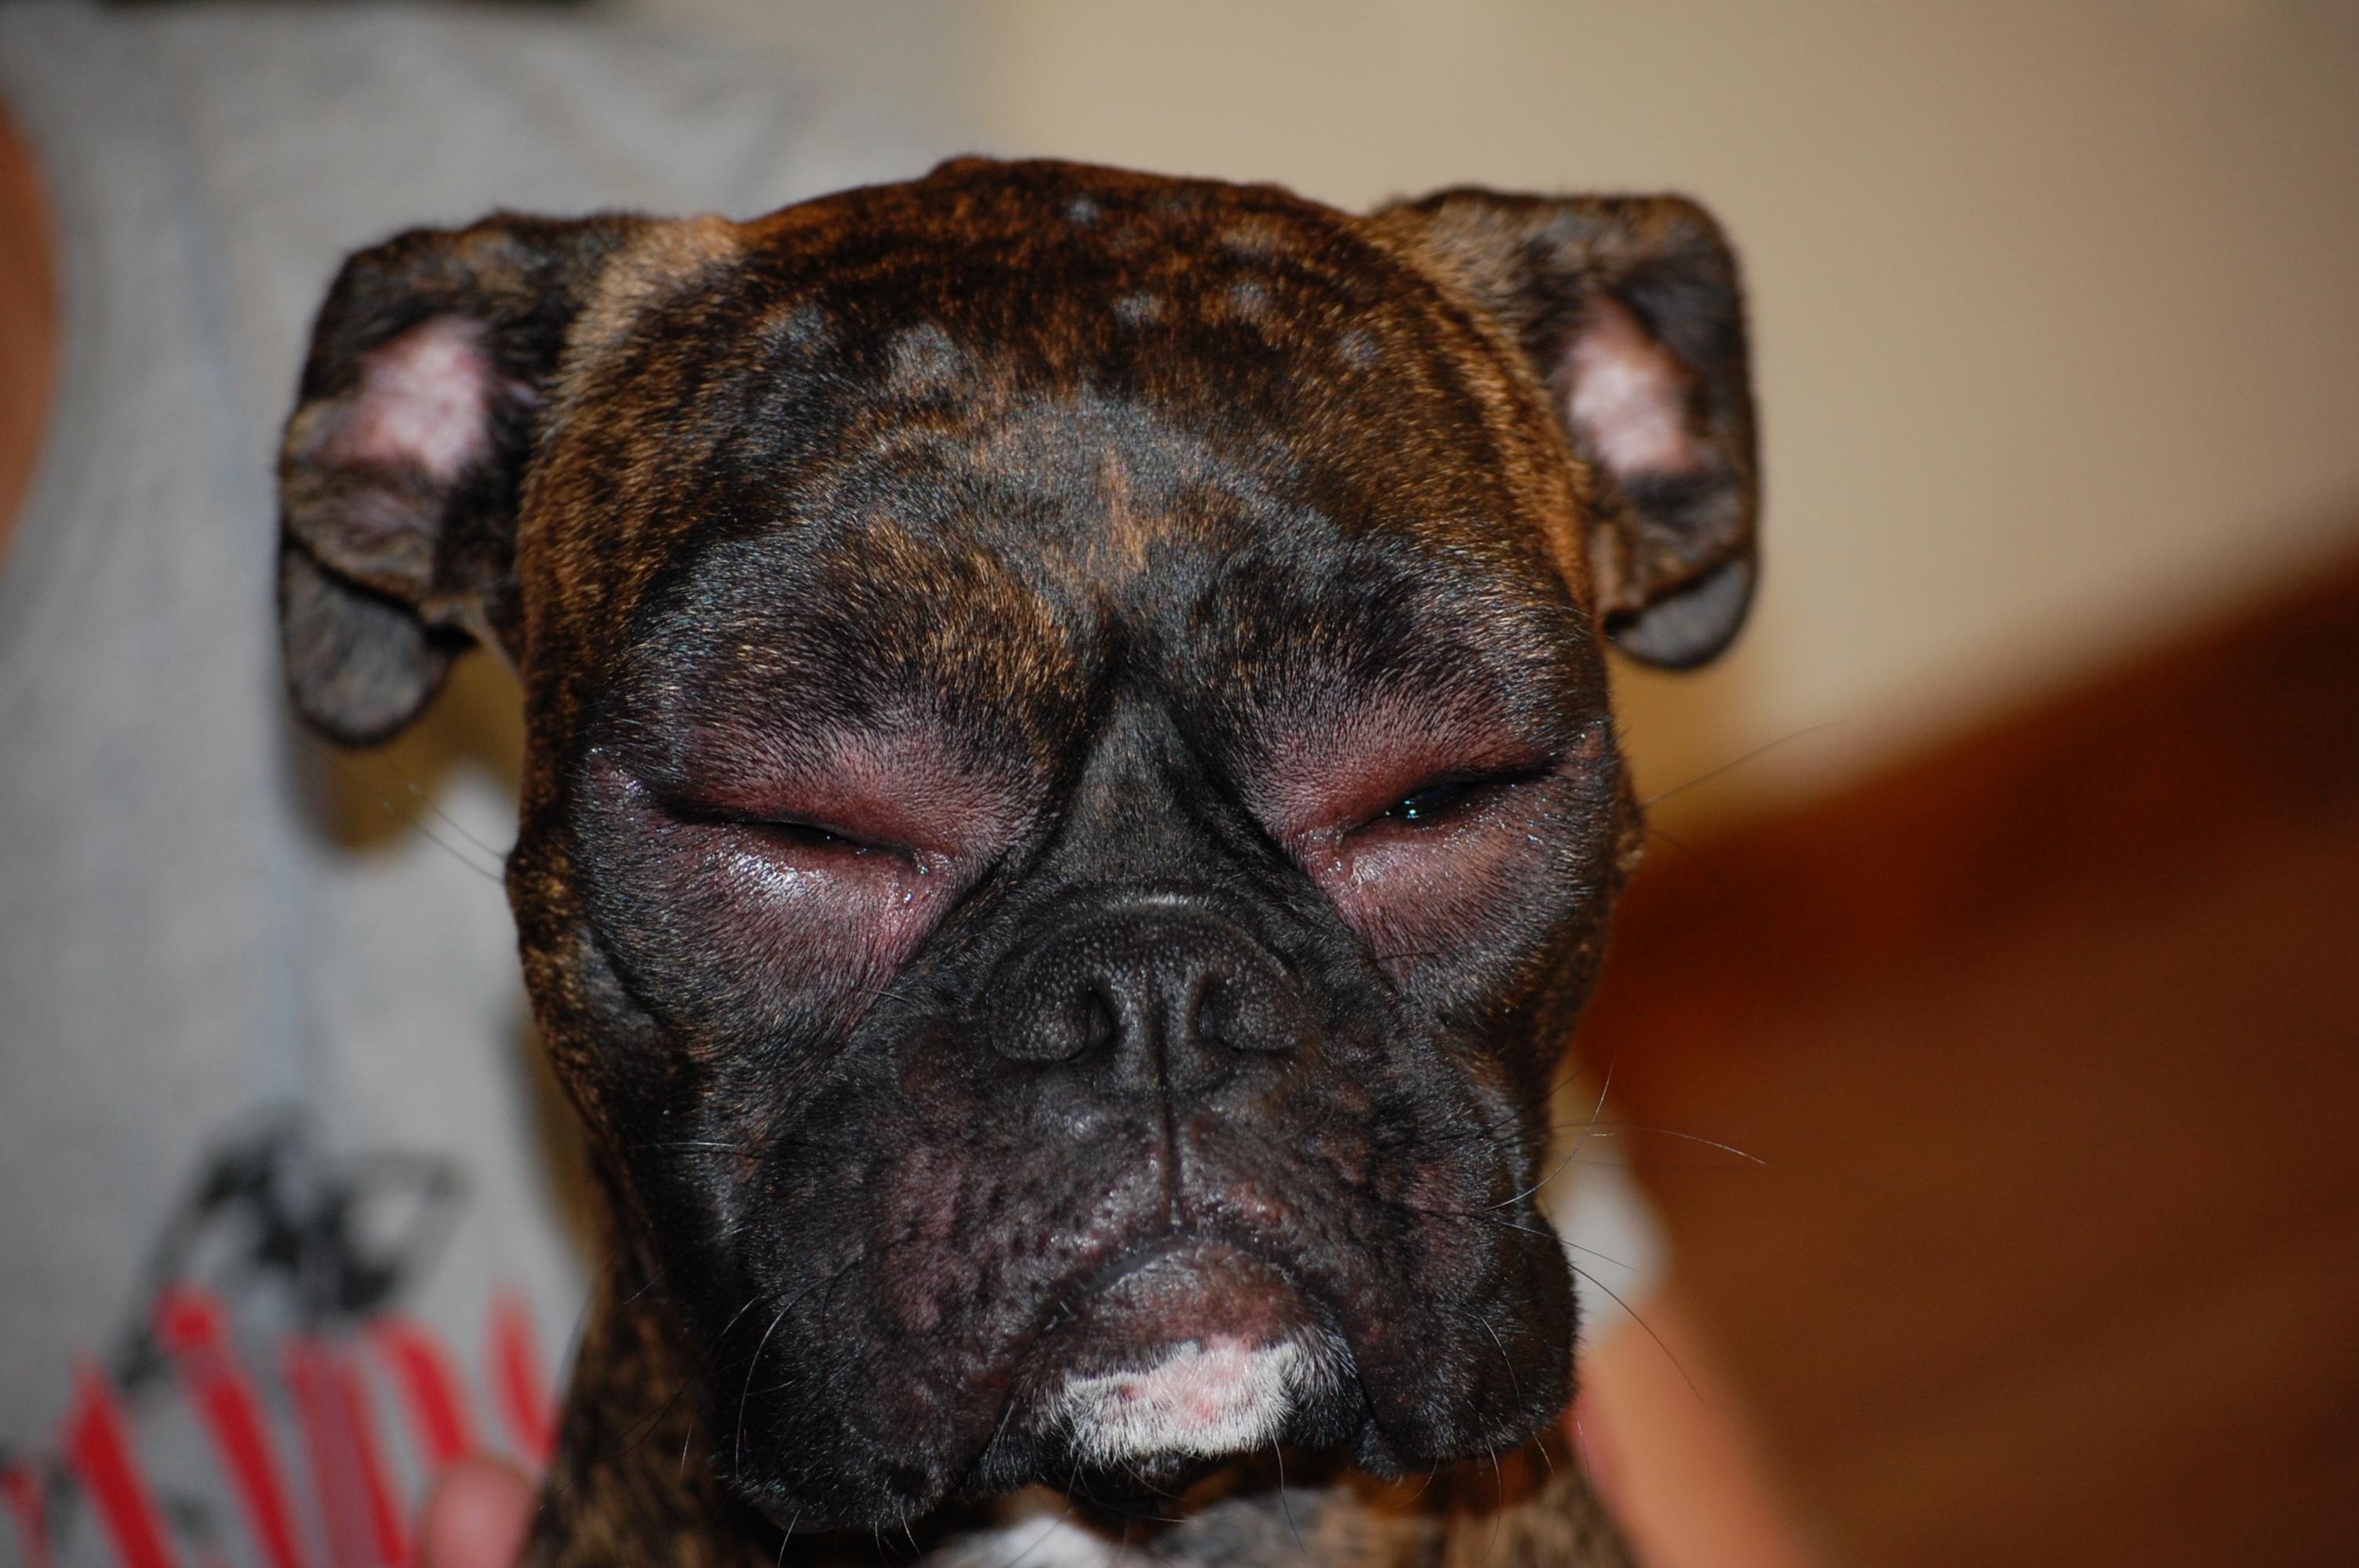 My Dogs Eye Is Swollen Shut